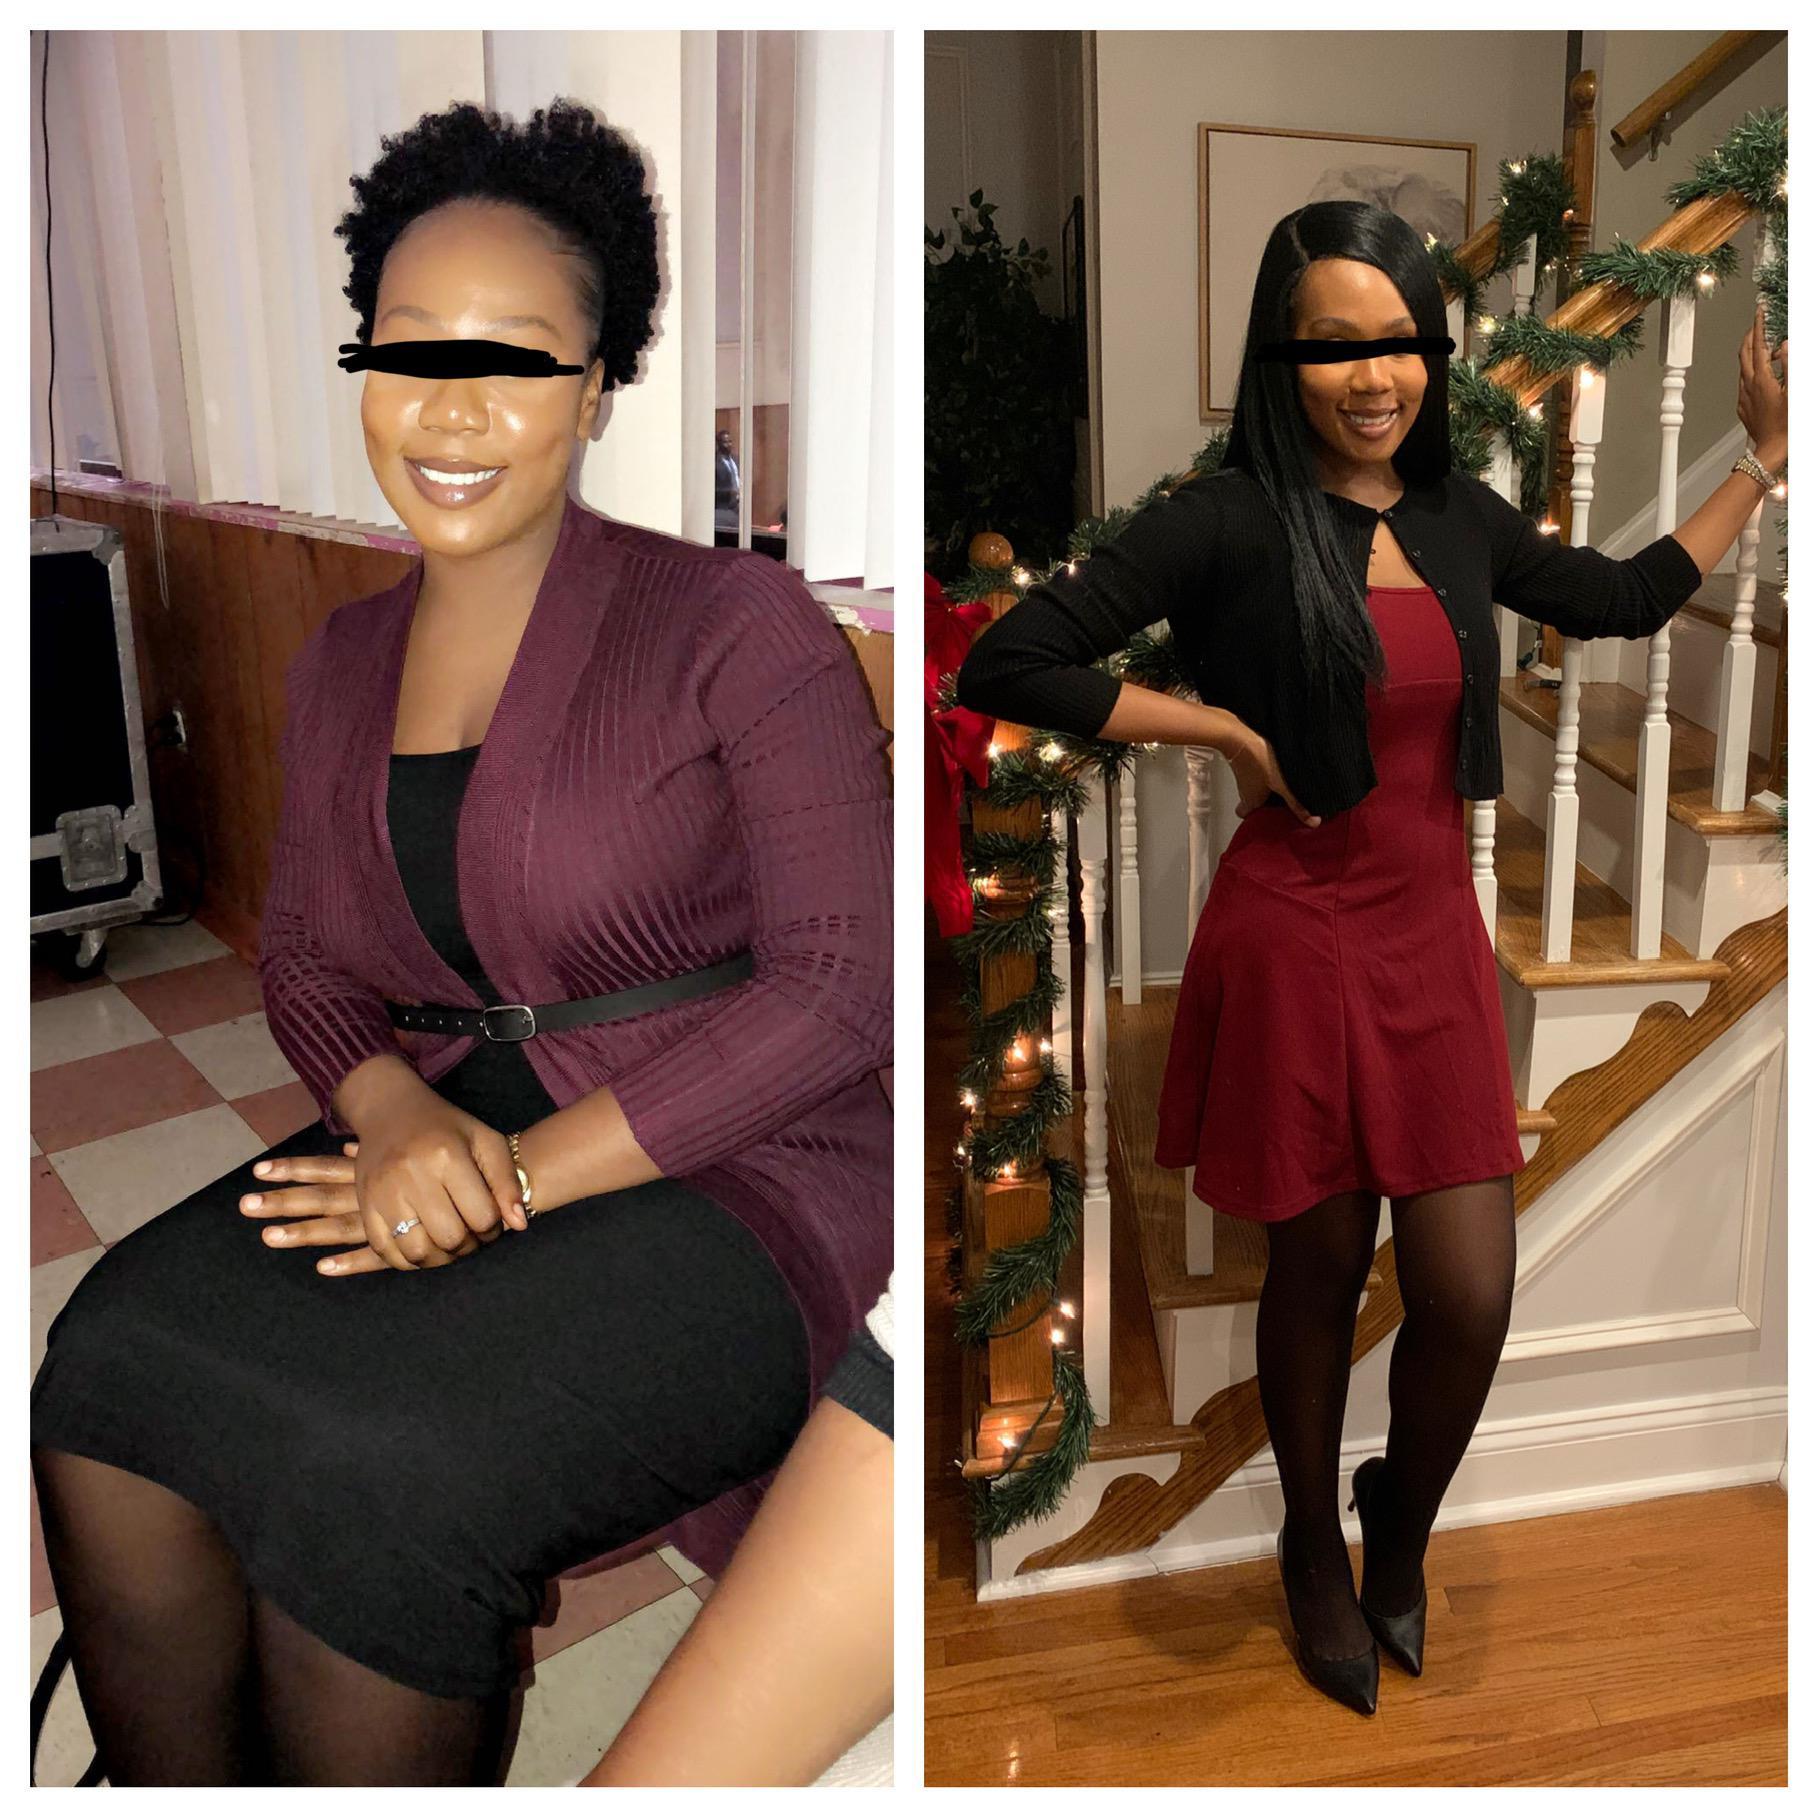 5 feet 6 Female Progress Pics of 53 lbs Fat Loss 191 lbs to 138 lbs